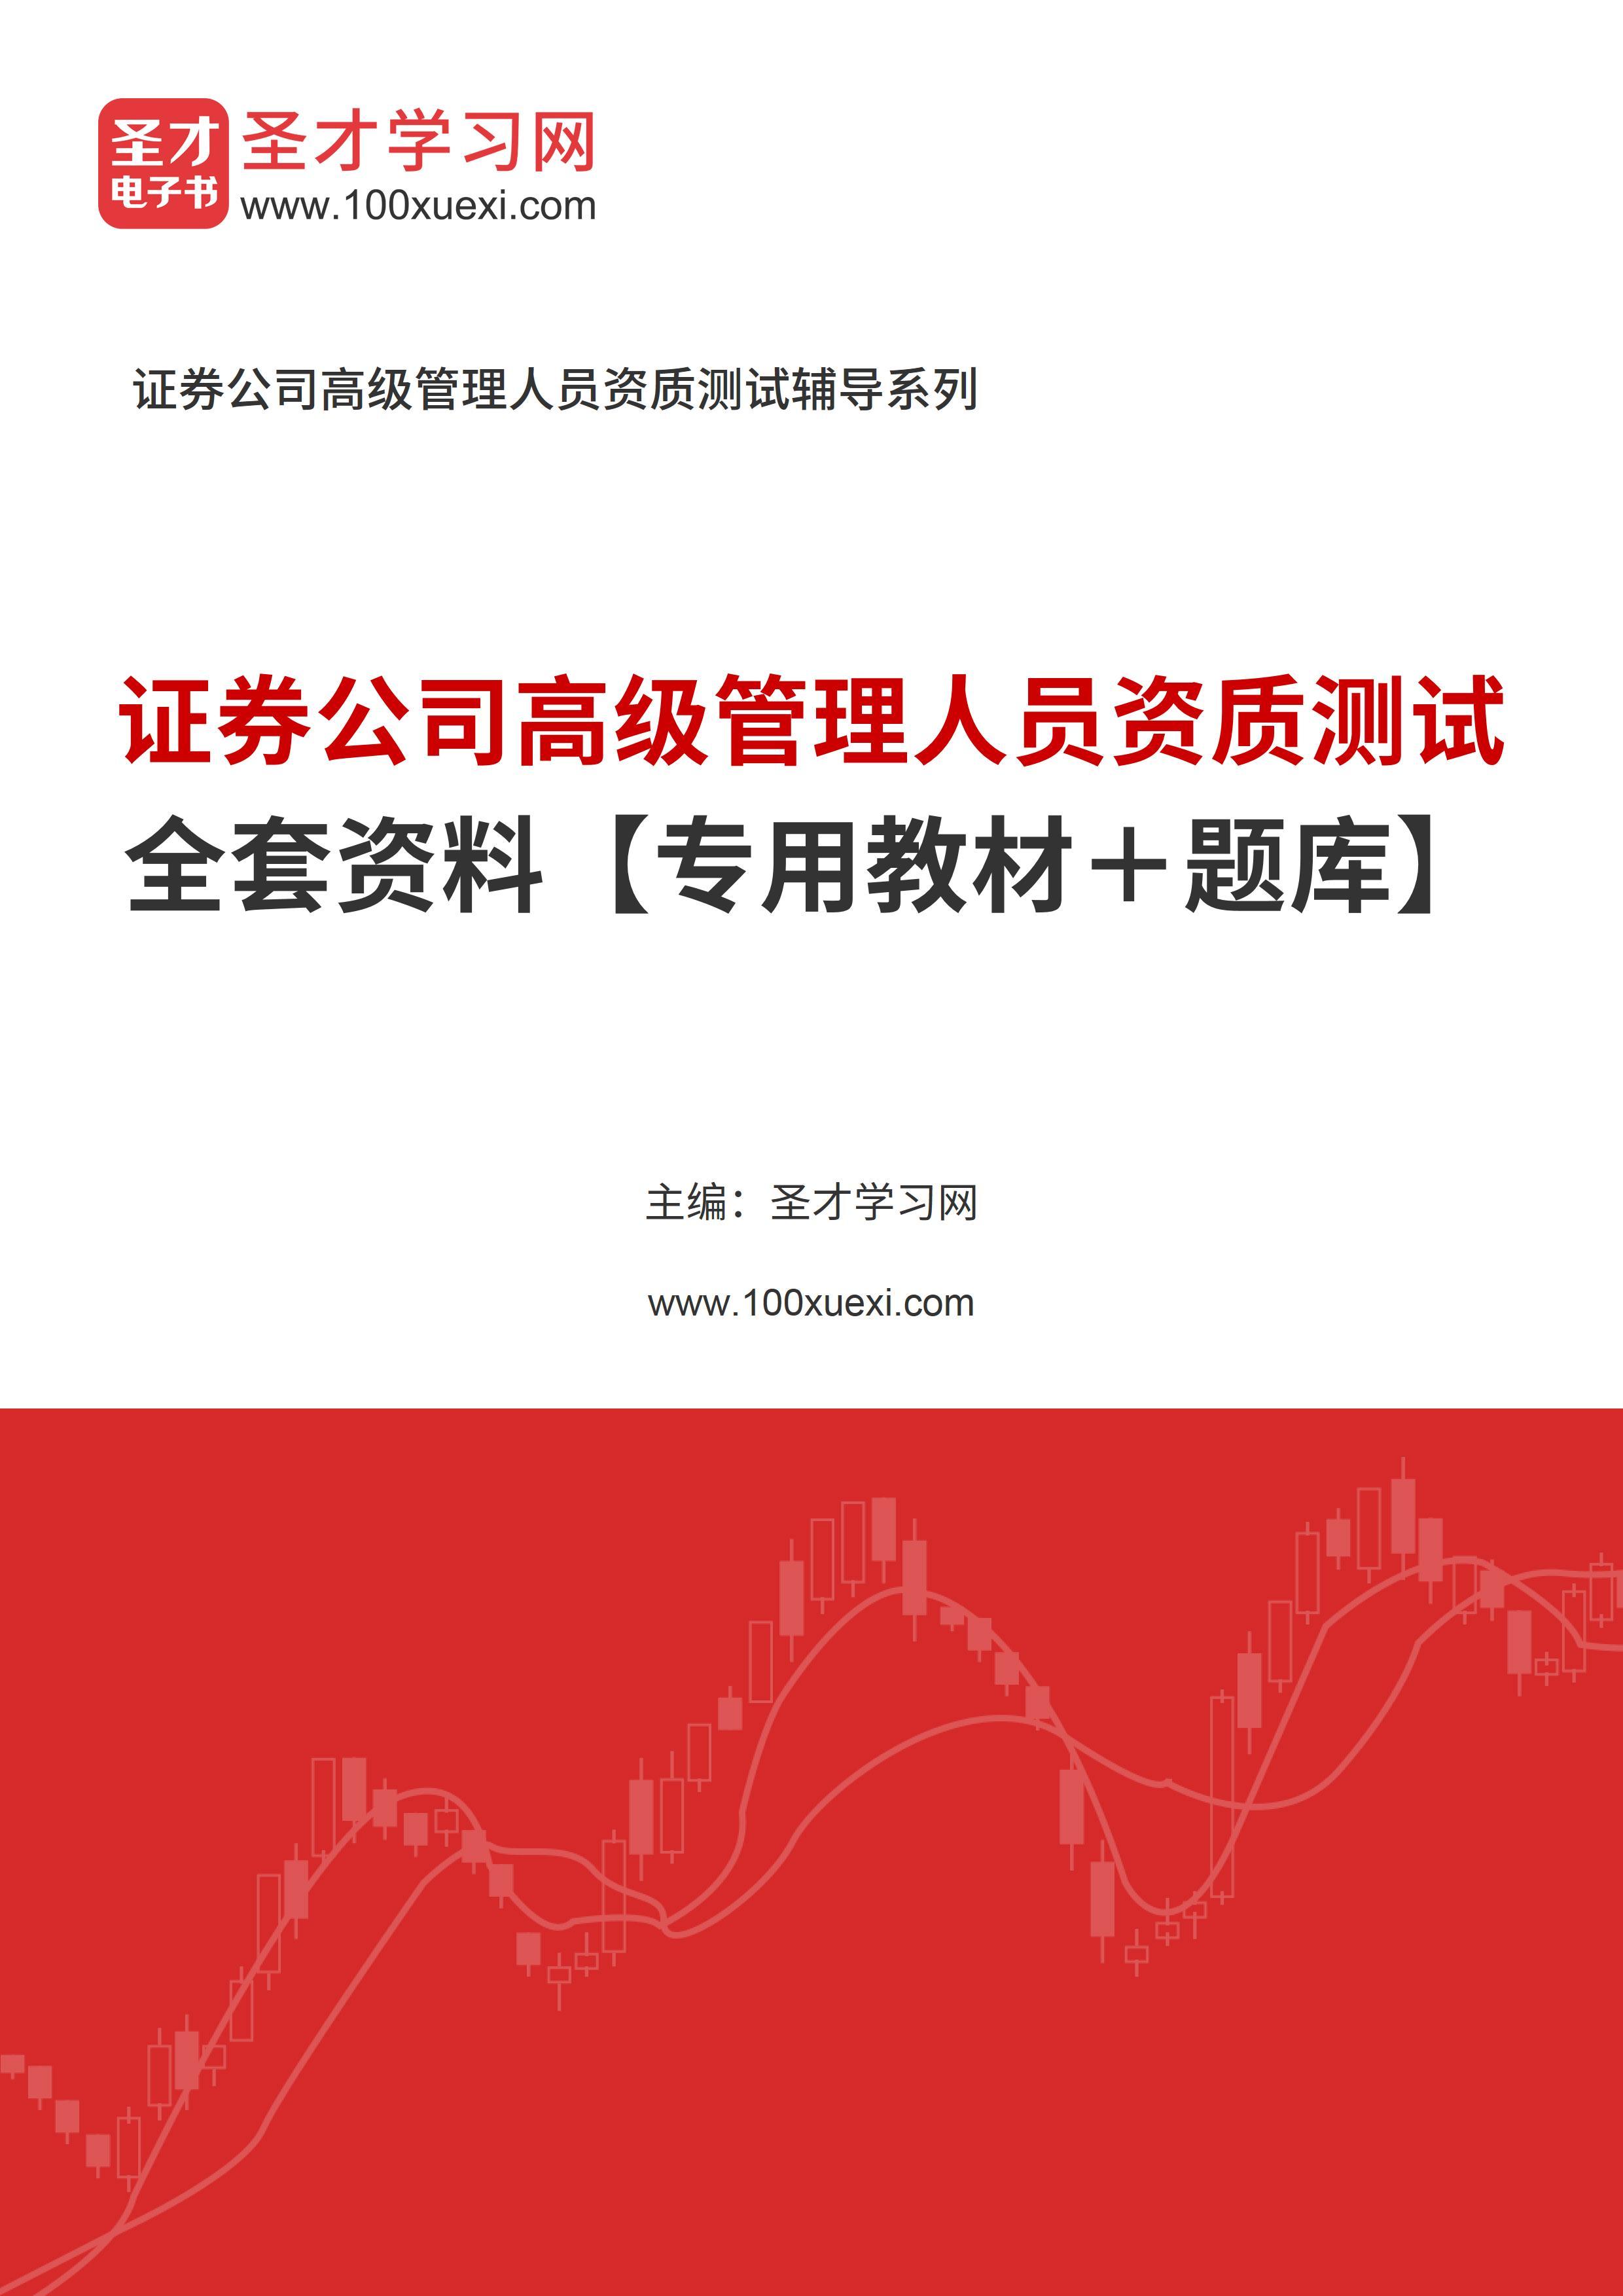 2021年证券公司高级管理人员资质测试全套资料【专用教材+题库】